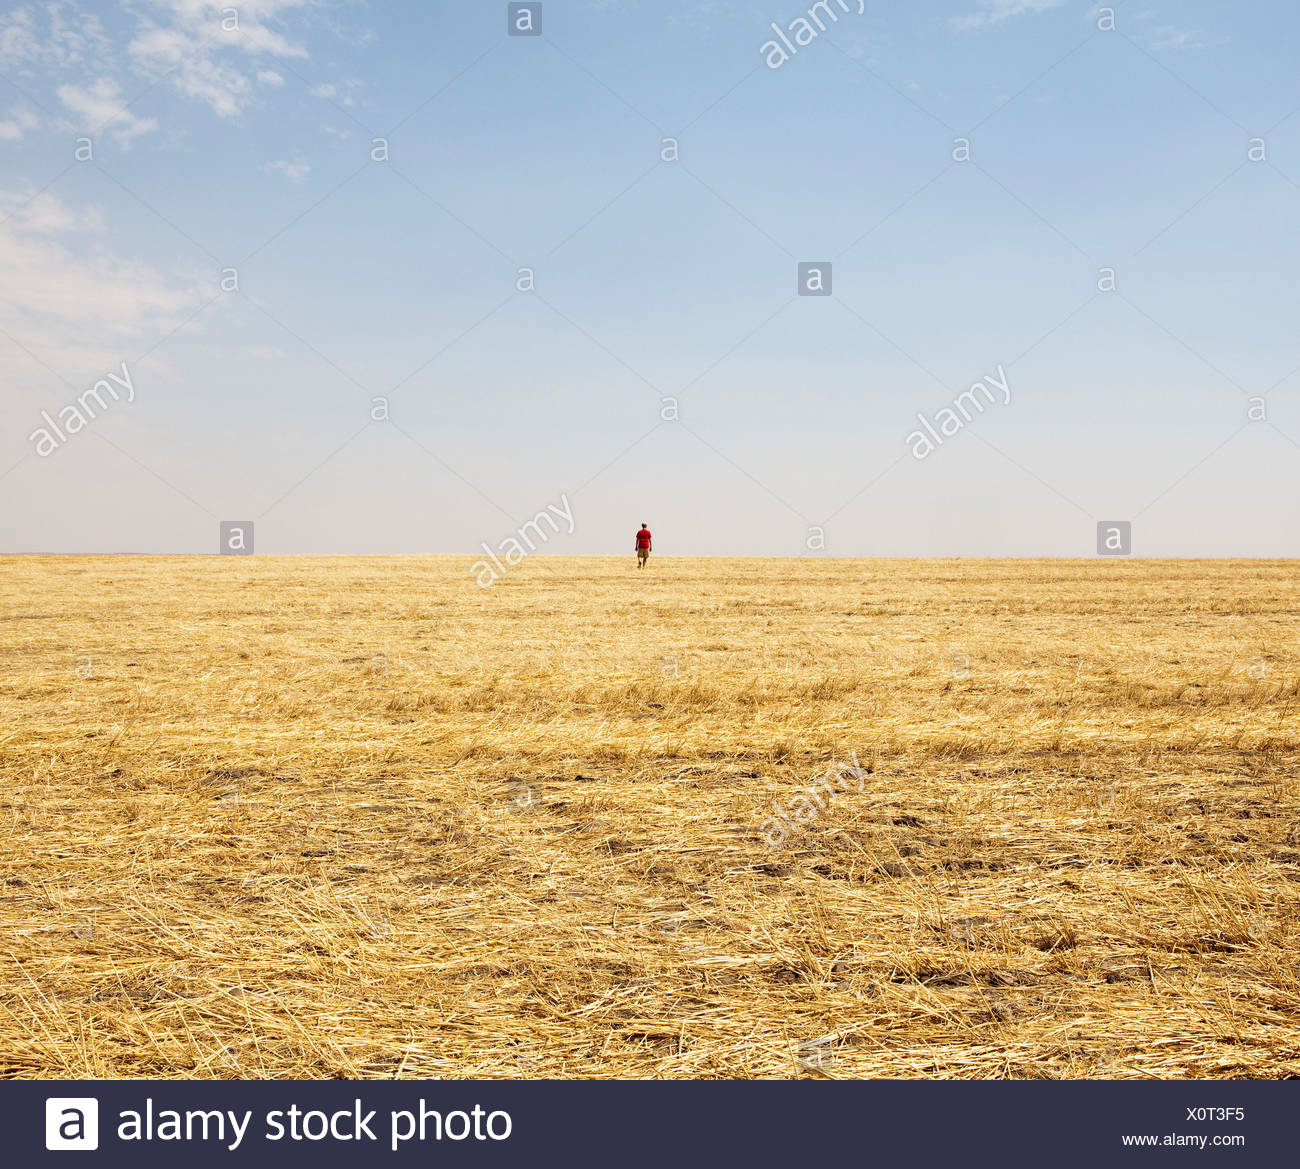 Un hombre de pie en el horizonte de un campo de rastrojo. Foto de stock